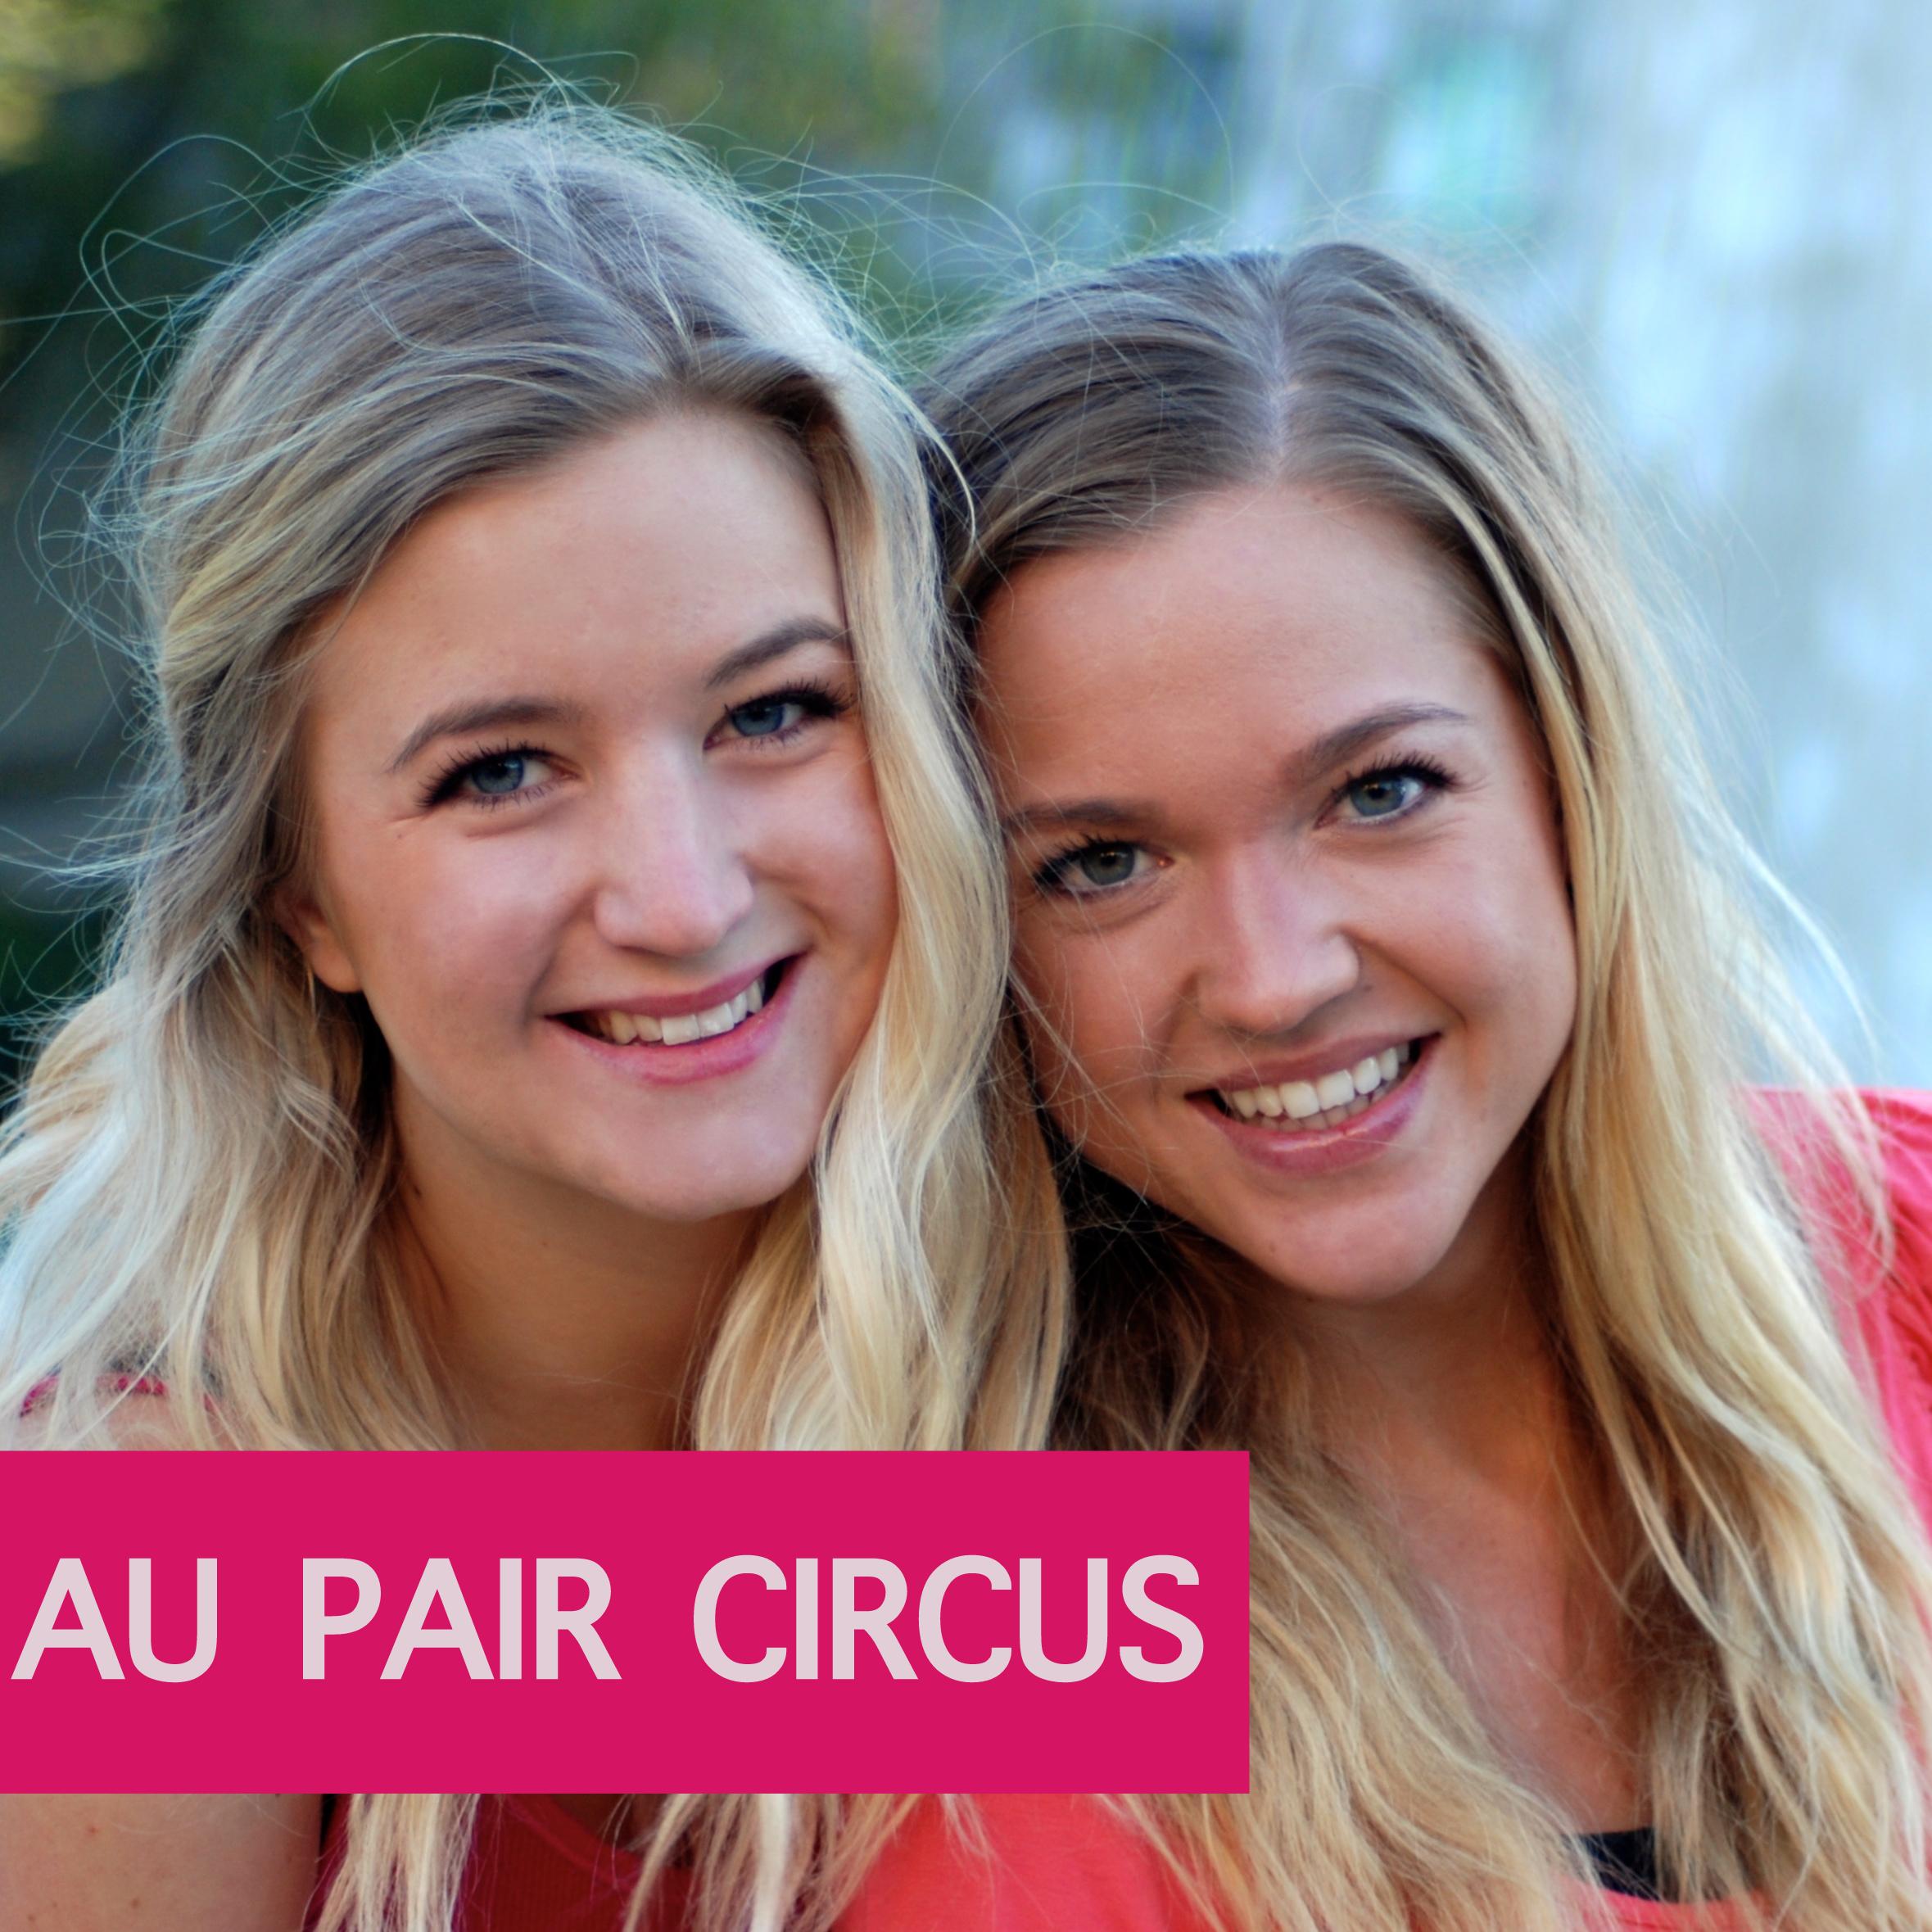 Au Pair Circus